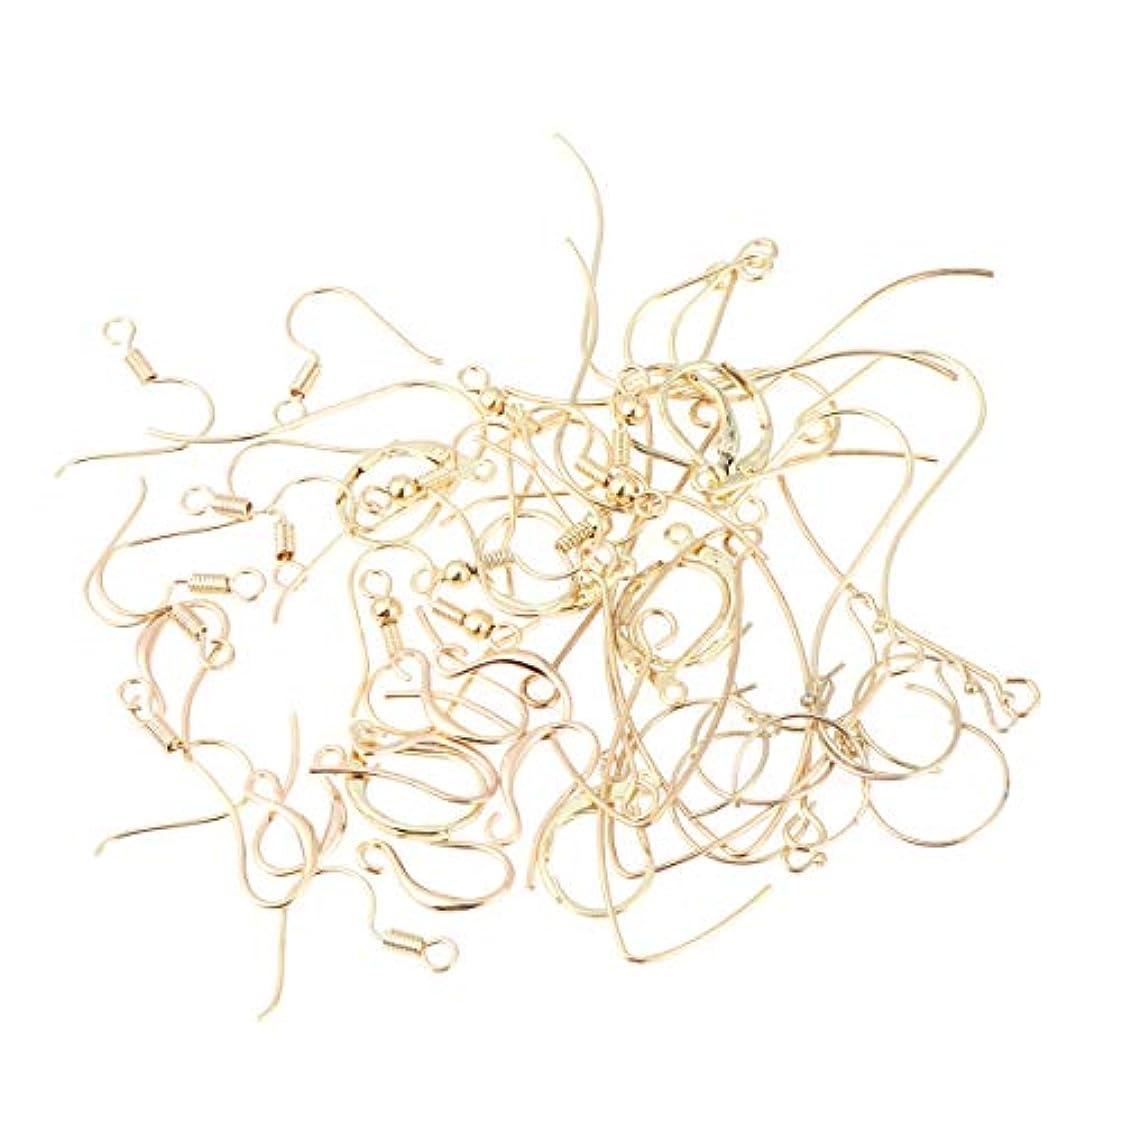 農場連結するグレードHealifty 56個 イヤリング フック イヤワイヤー ボールコイル diy工芸品 ジュエリー